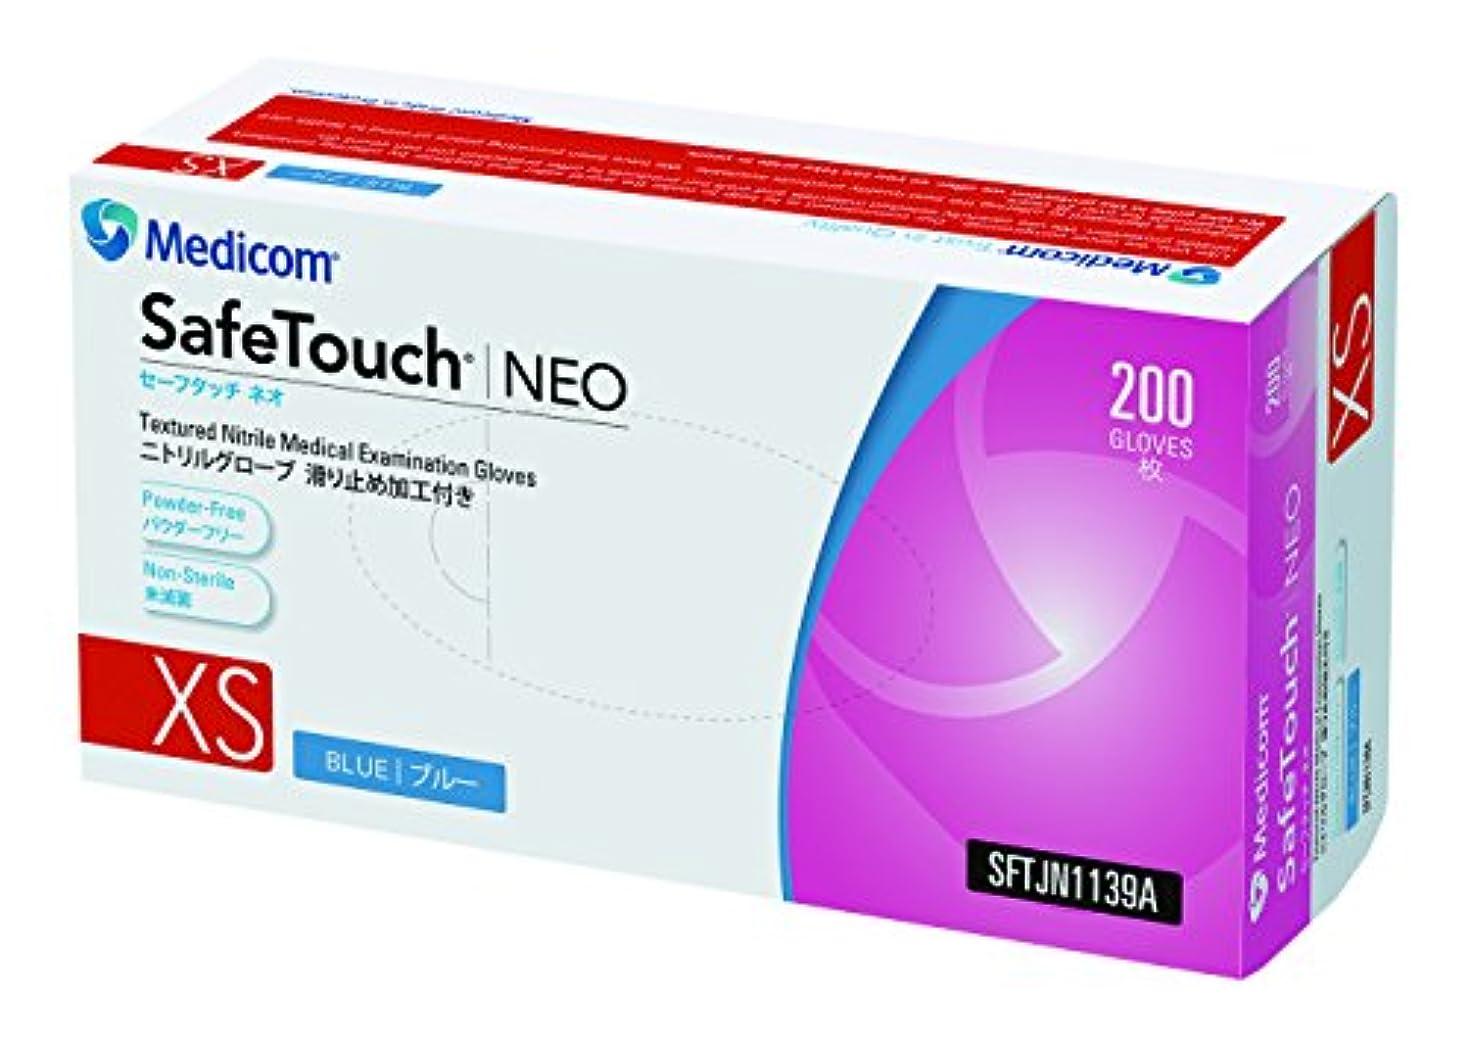 楽な苦難キャンペーンSFTJN1139Aセーフタッチ ネオ ニトリルグローブ ブルー XS 200枚/箱